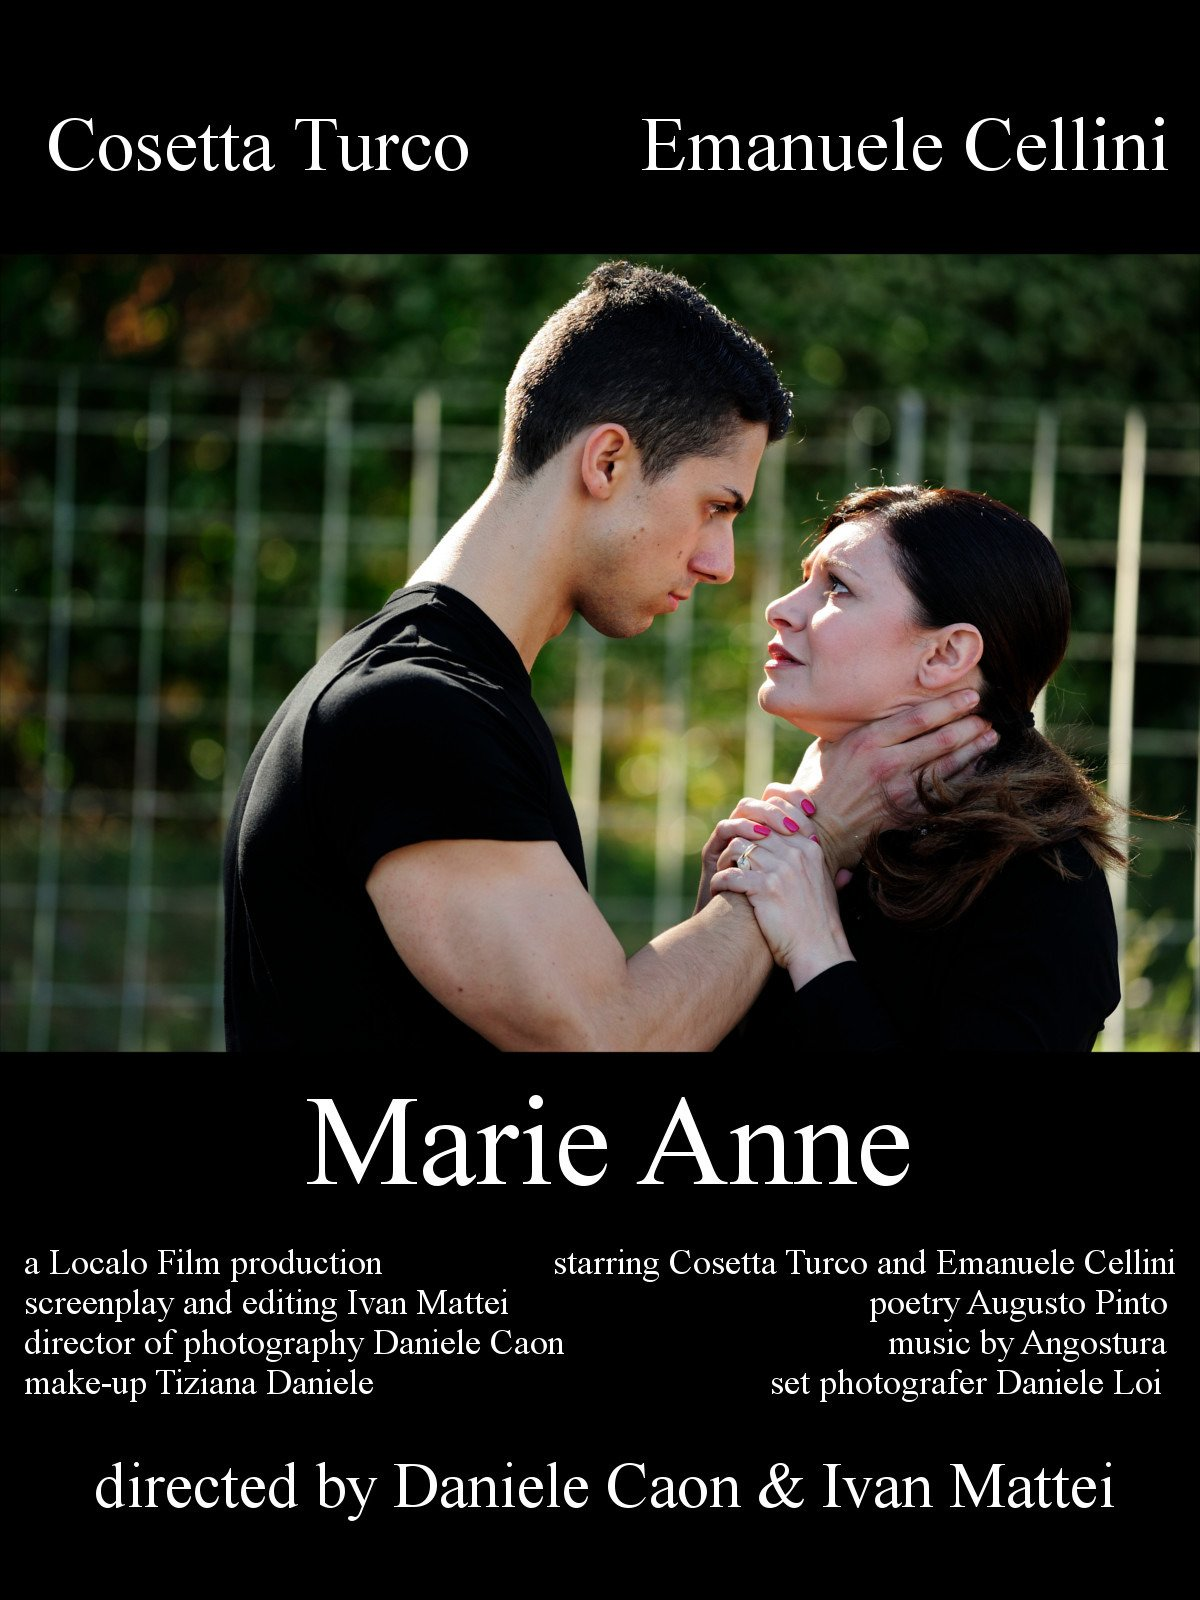 Marie Anne